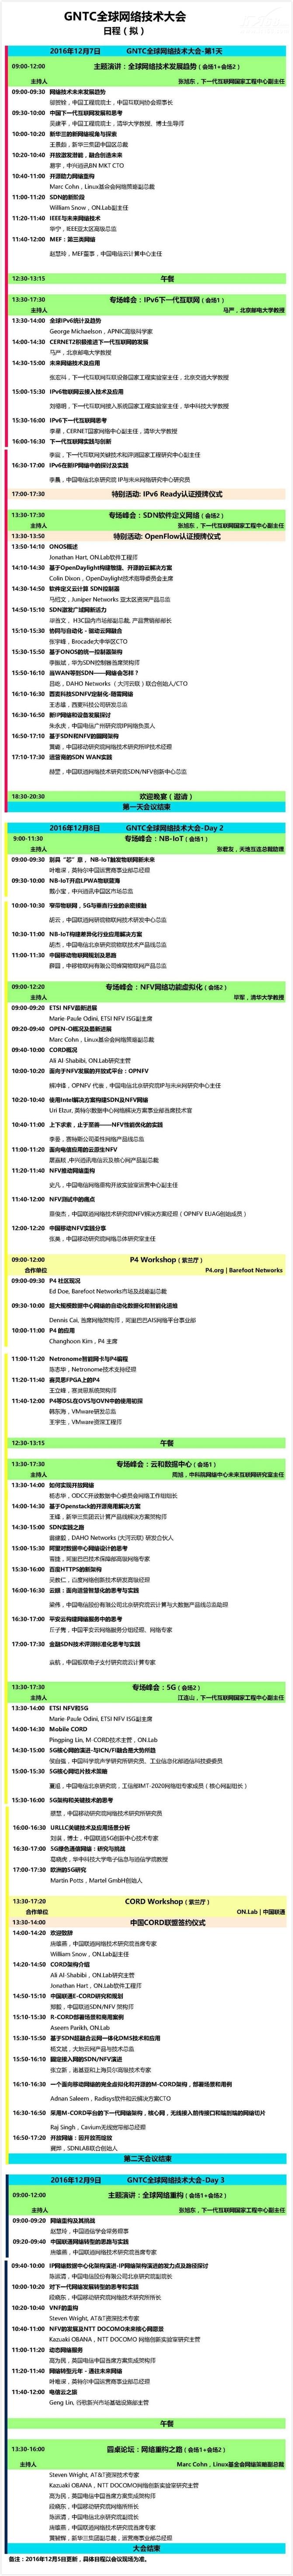 全球网络技术大会完整日程首曝光